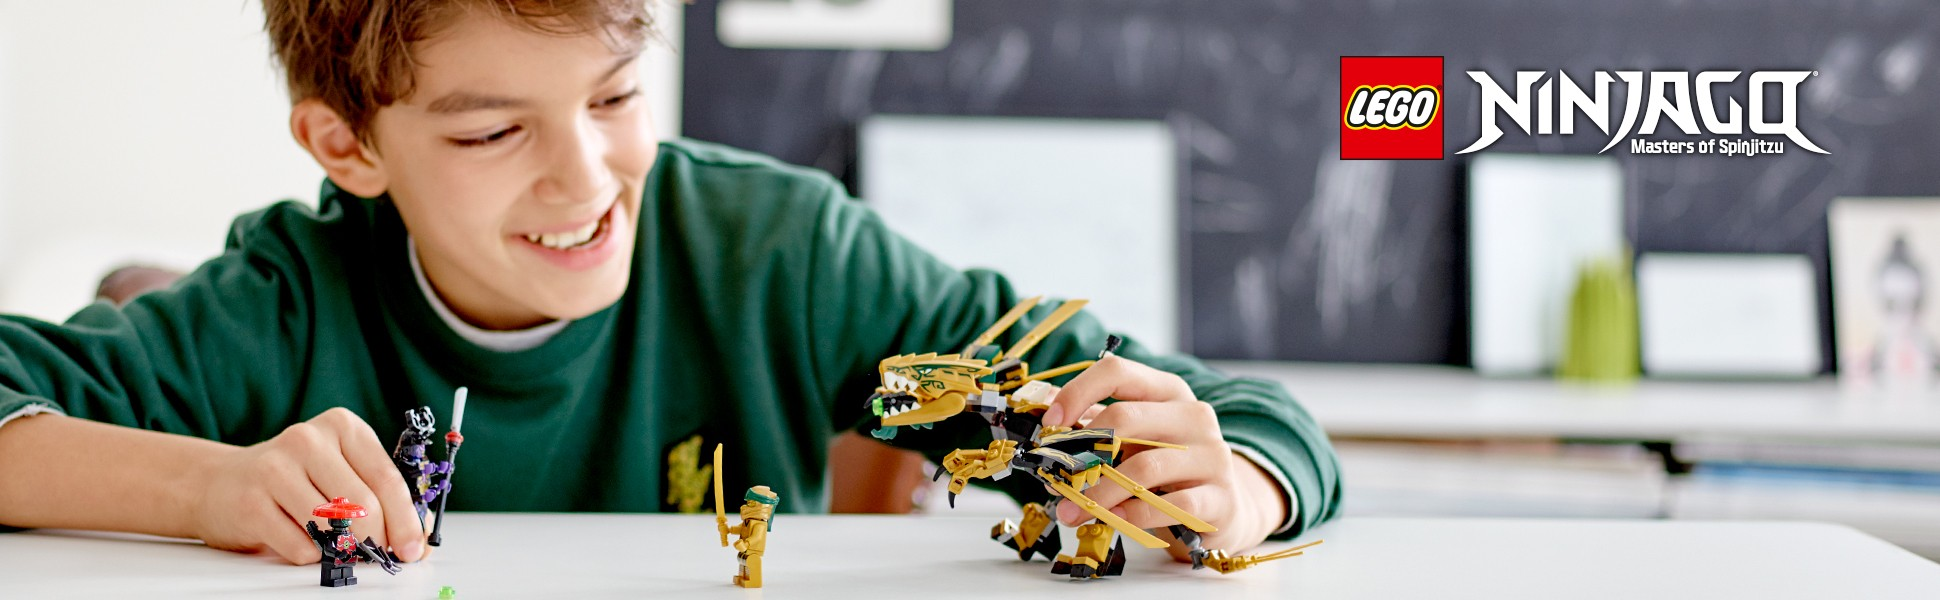 Lego Ninjago 70666 Złoty Smok Super Oferty Na Klocki Lego